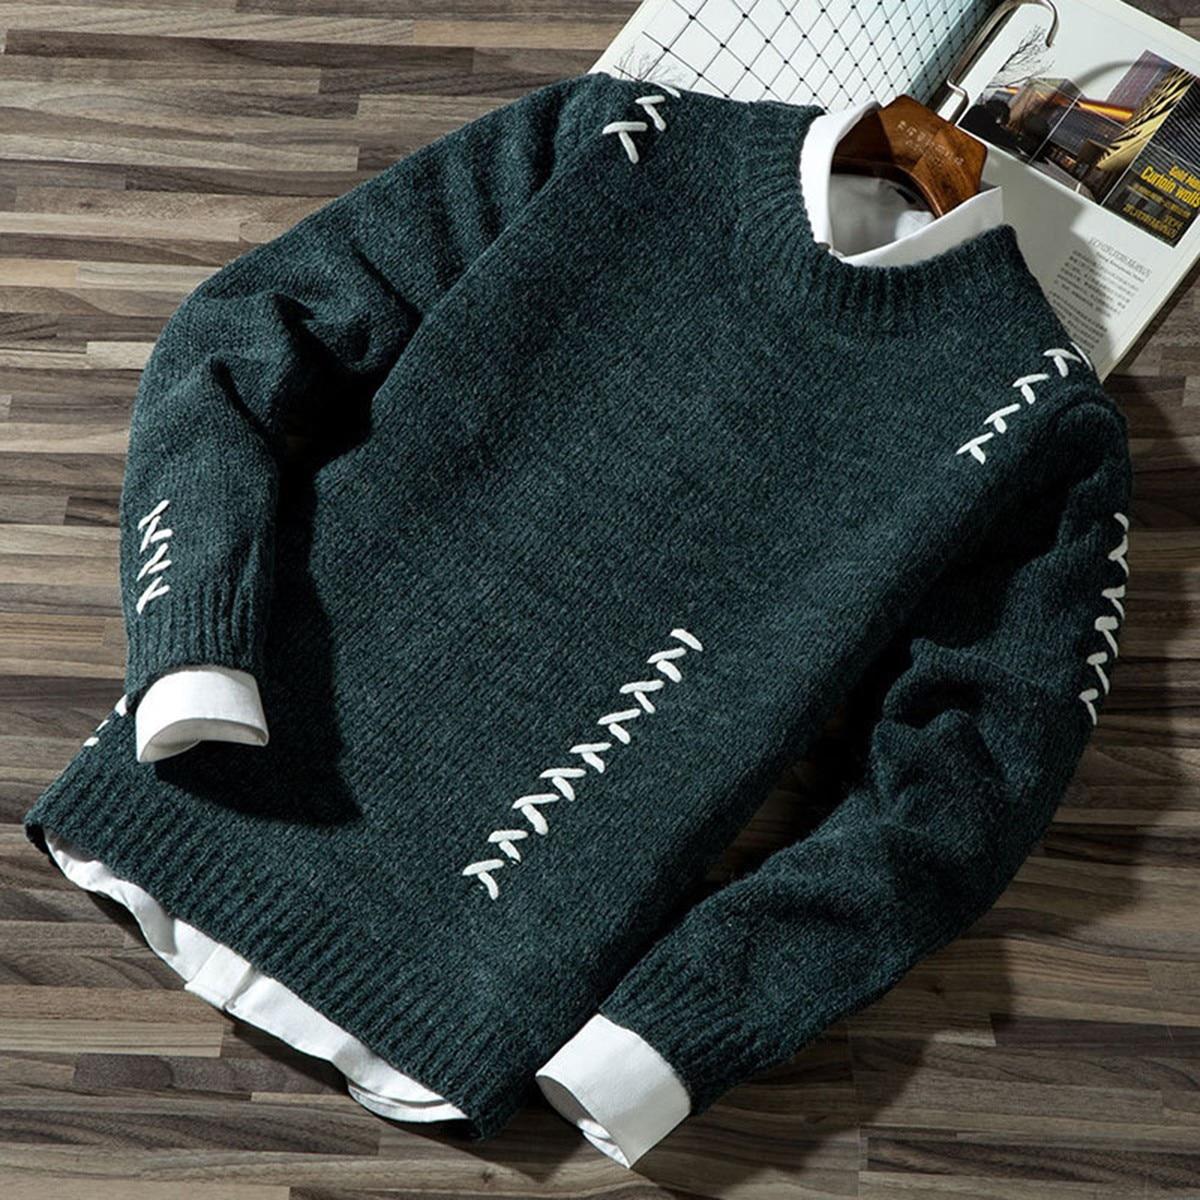 2020 Повседневная Мужская Осенняя Повседневная модная блок трикотажный джемпер свитер джемпер продажа мужской хлопковый свитер жилет